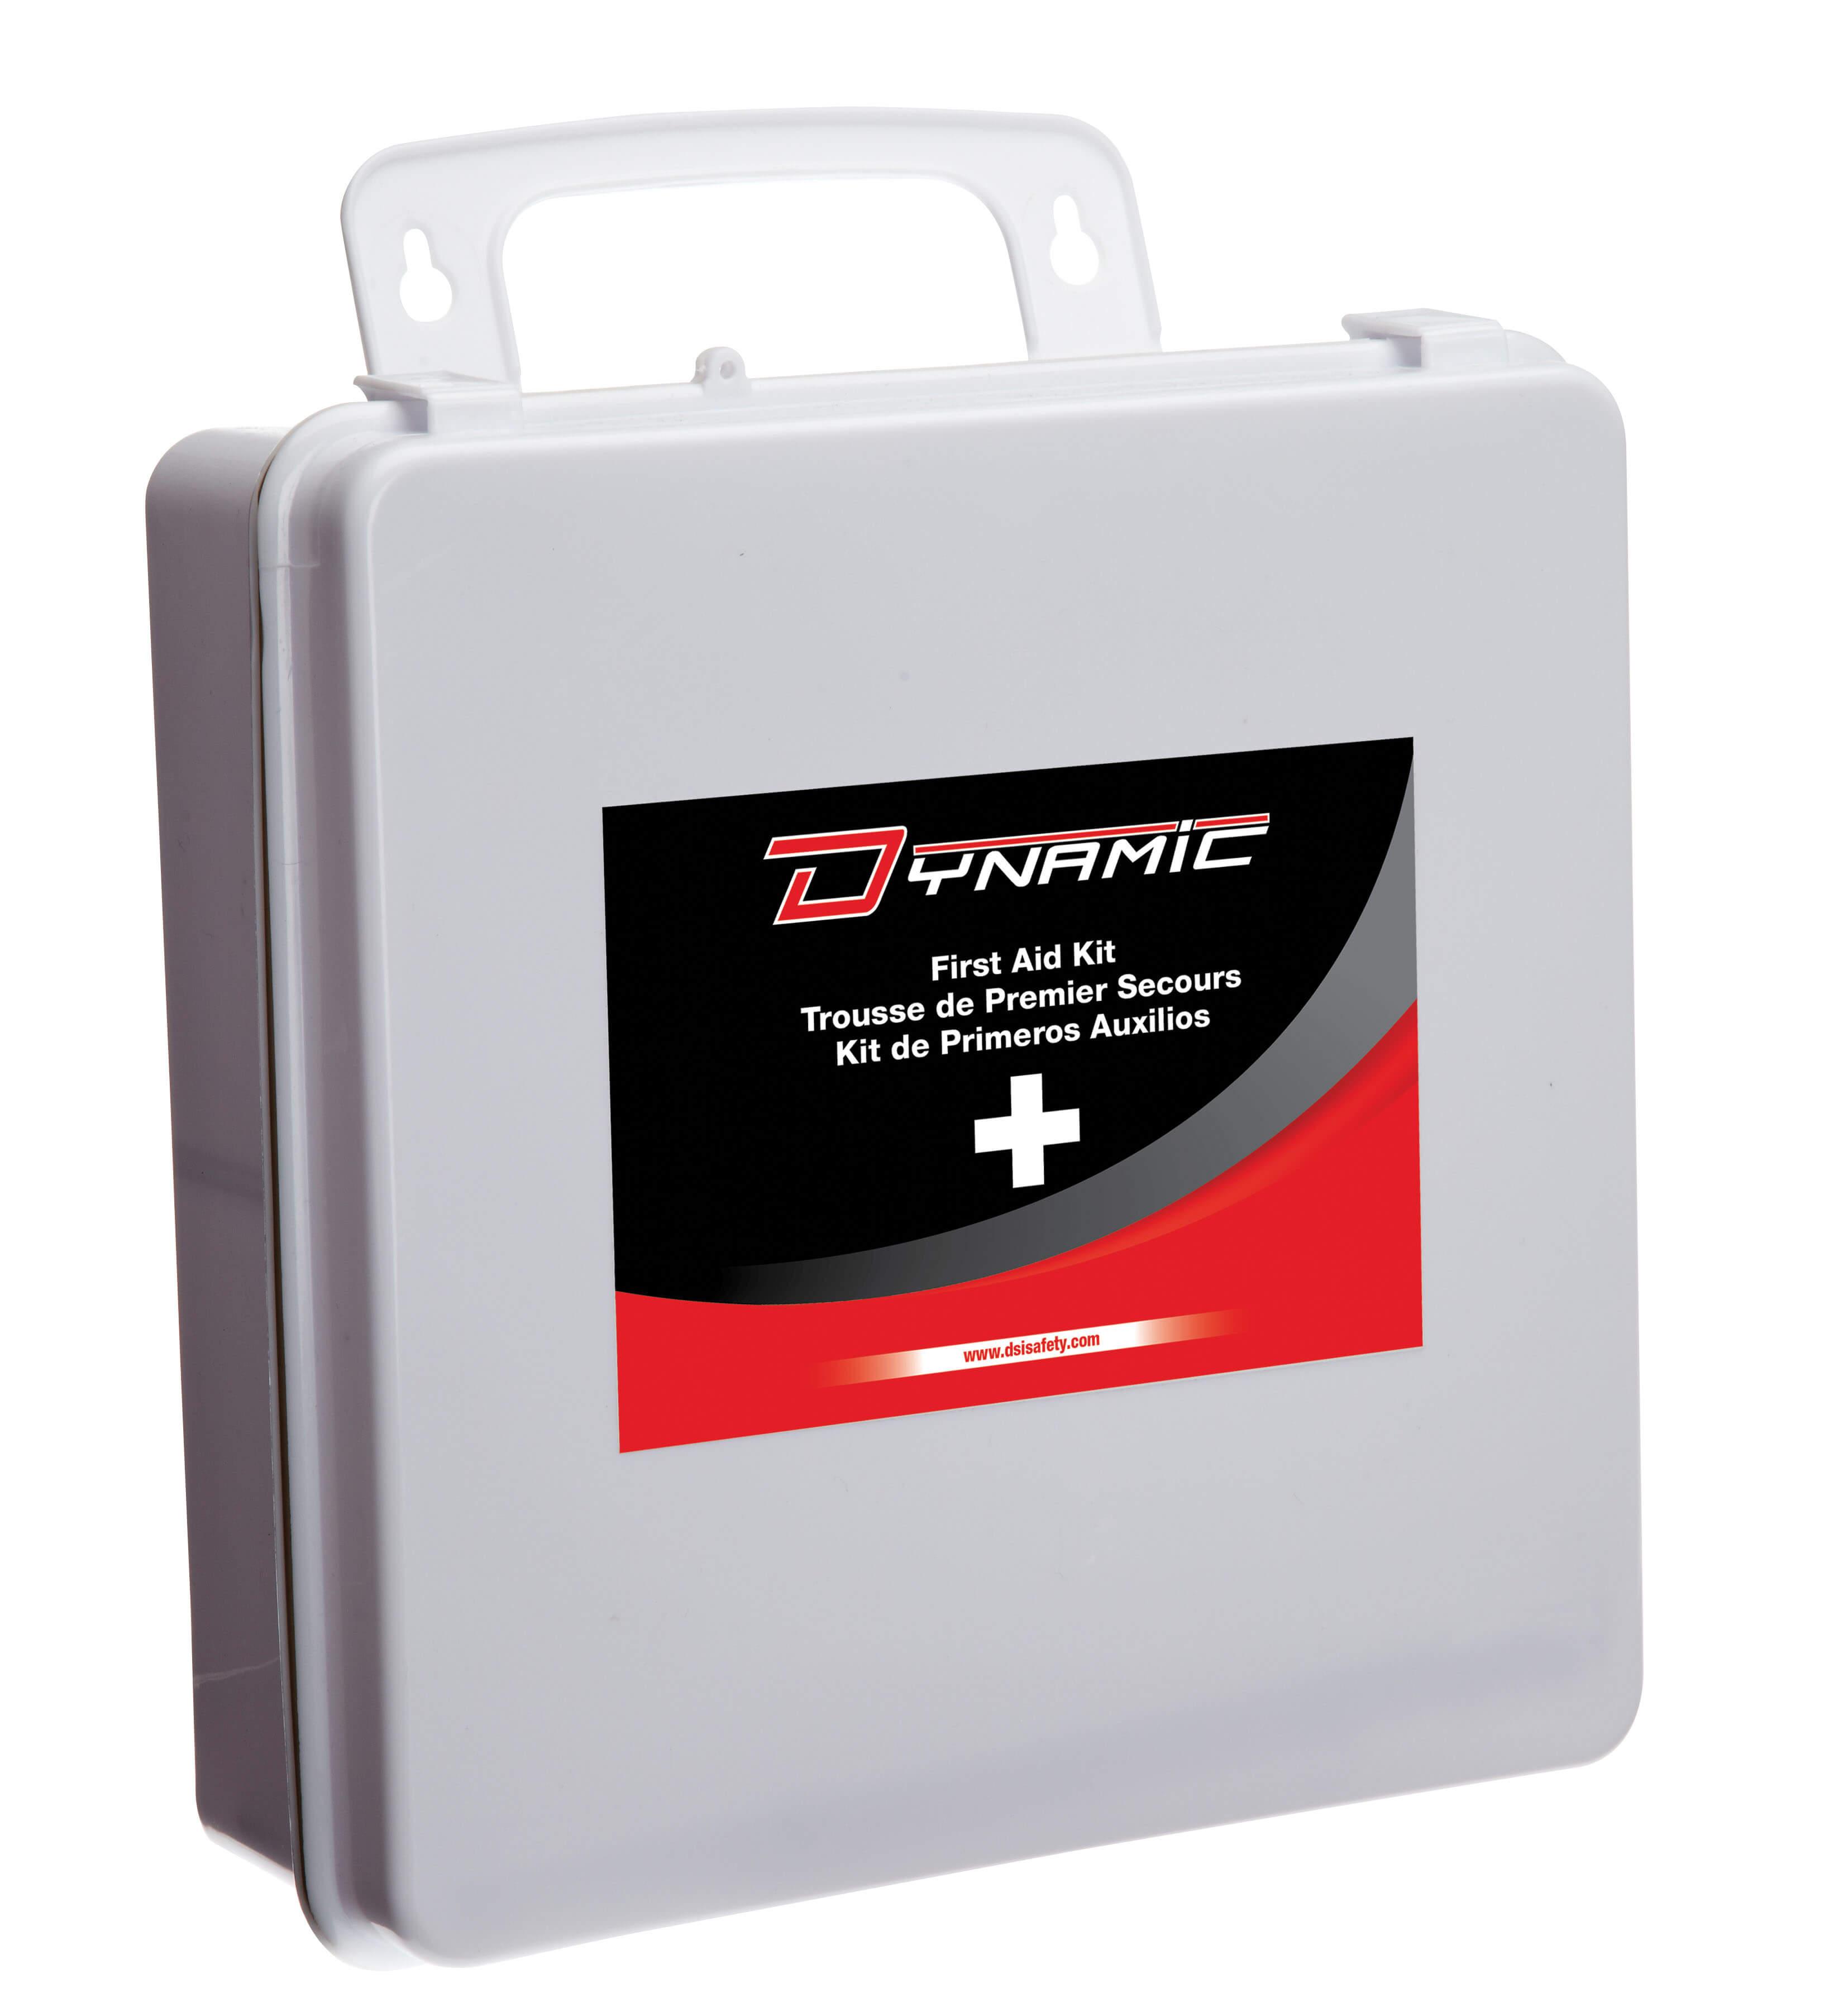 First Aid Kits - Plastic